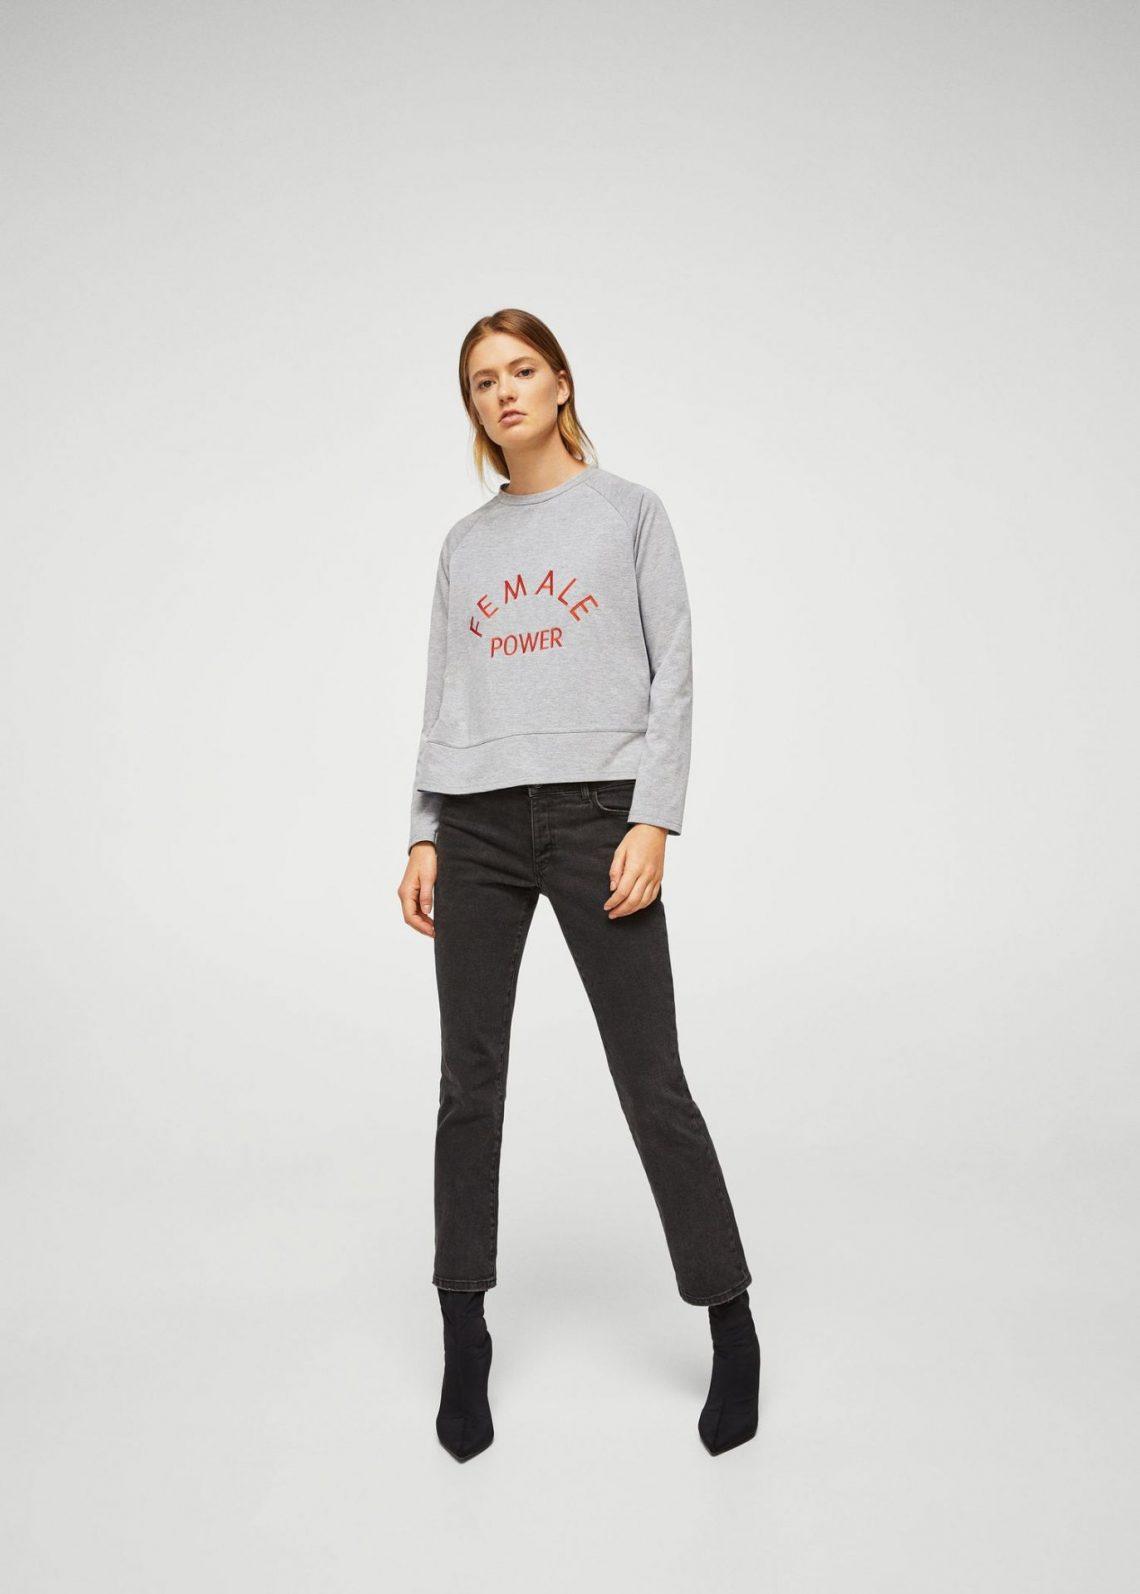 #CuteAlert Hay nueva camiseta feminista viral, nos encanta y está rebajada